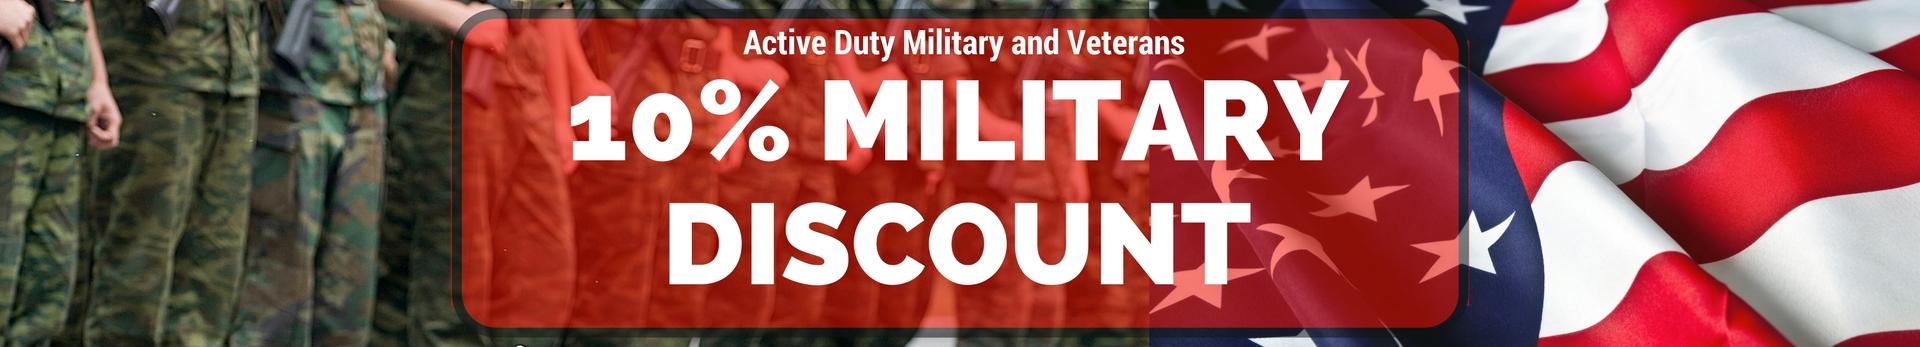 military-disc.jpg